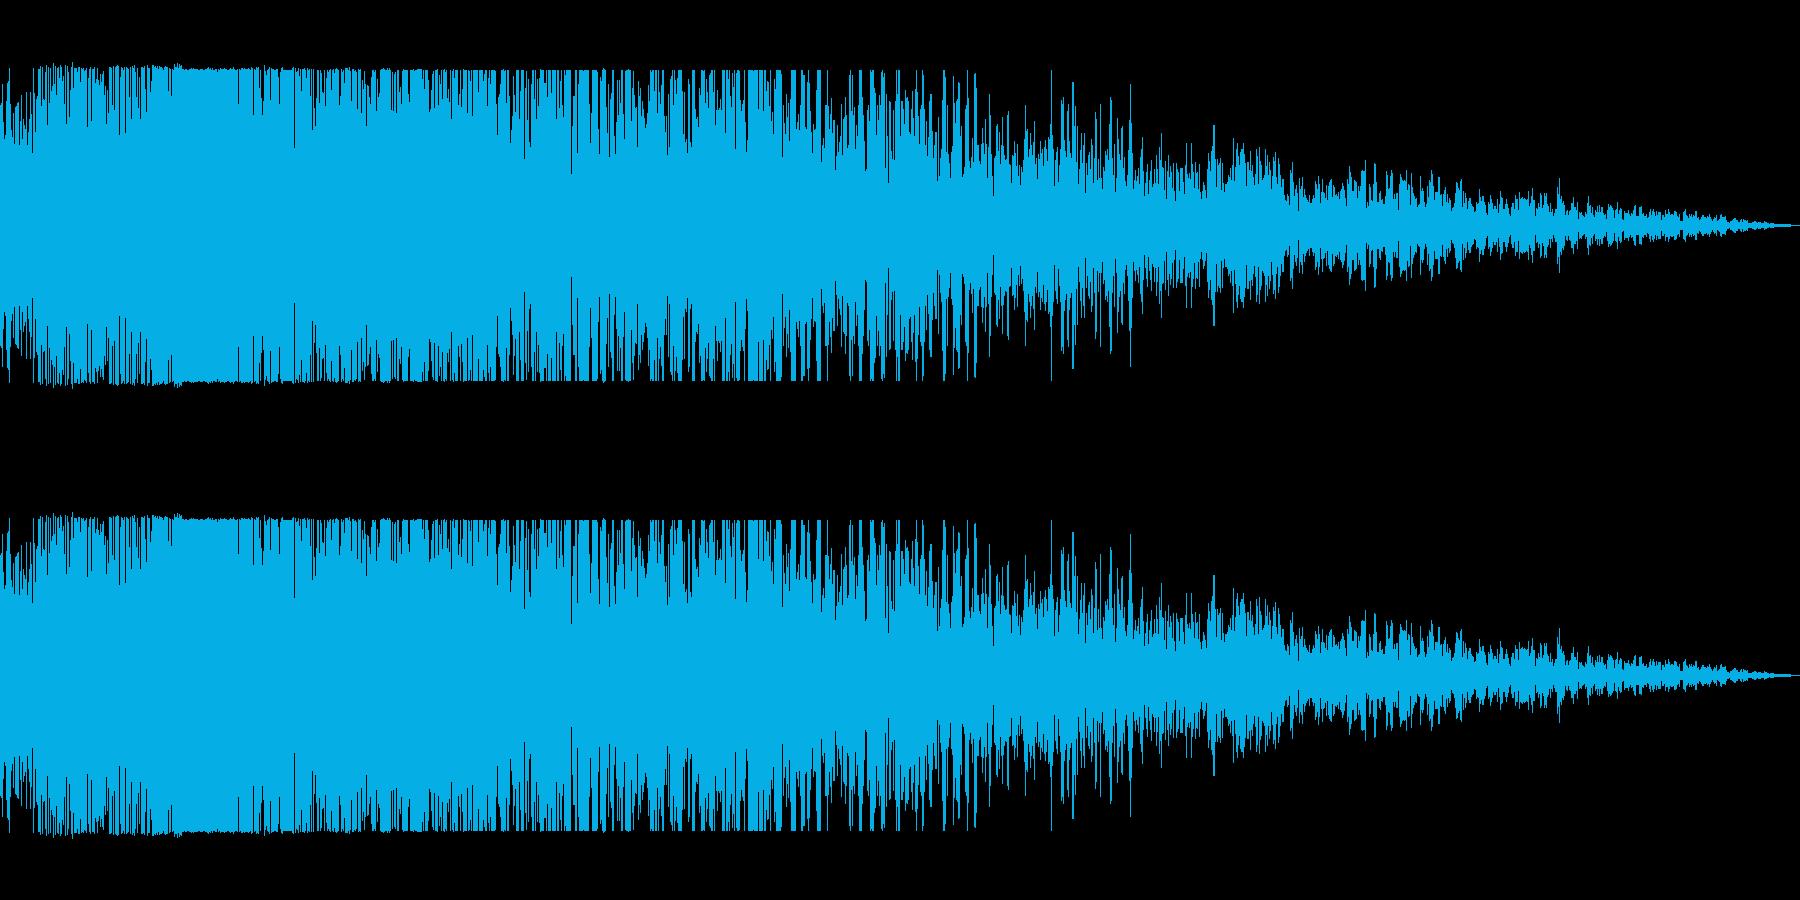 ショックを受け(ギャガーン)の再生済みの波形